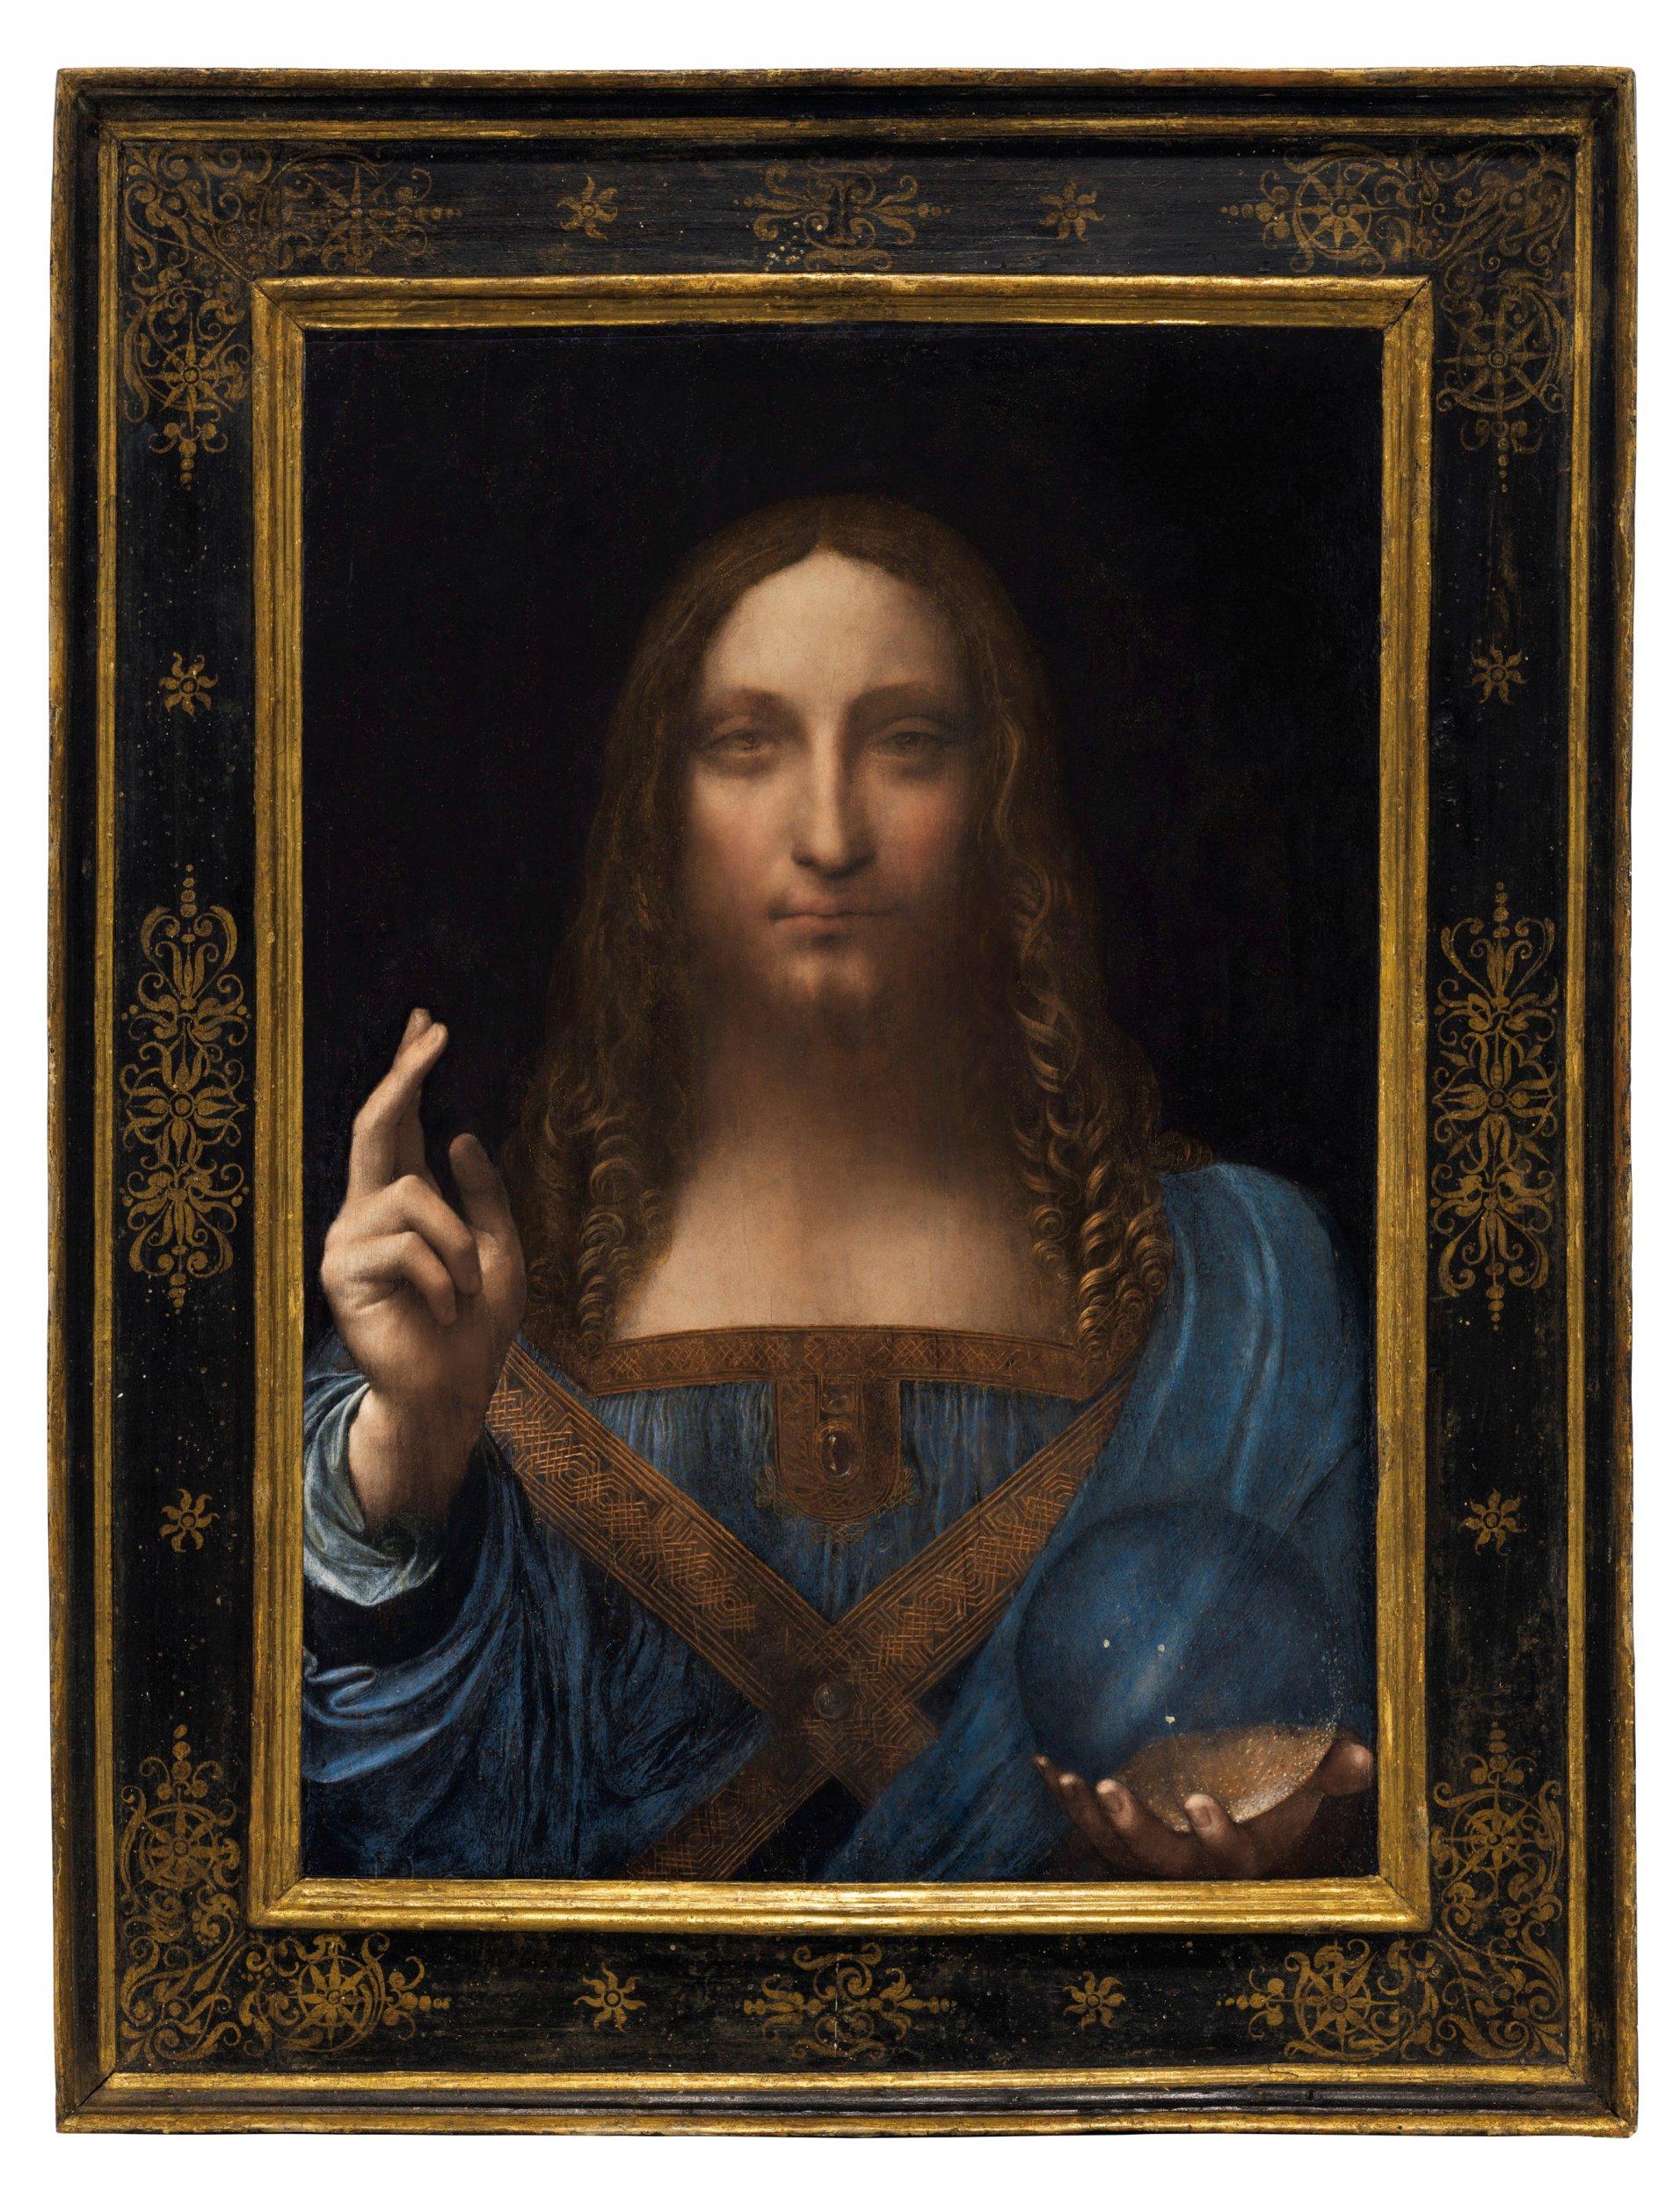 Jesus Christ Salvator Mundi by Leonardo Da Vinci